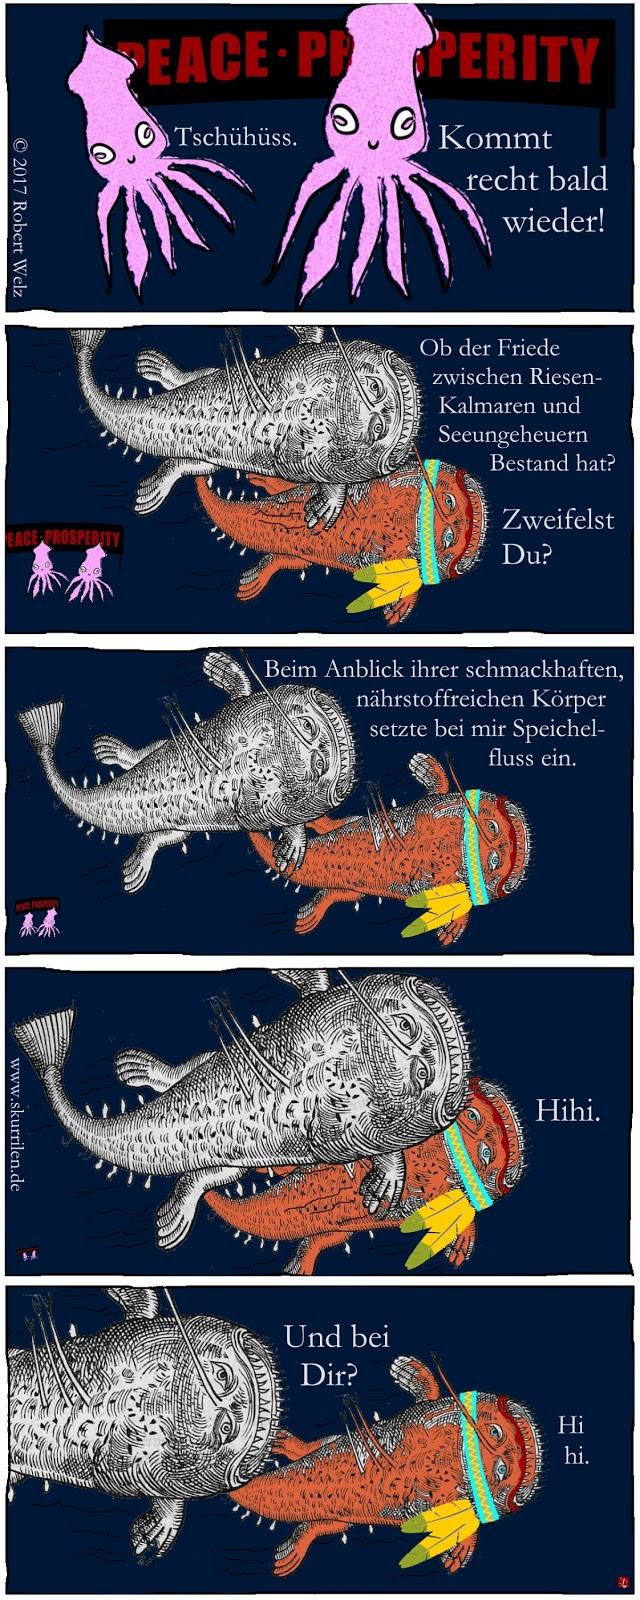 satirische Comic-Geschichte um Krieg und Frieden in der Tiefsee. Wird die Übereinkunft zwischen Riesen-Kalmaren und Seeungeheuern halten. F. Mulder ist skeptisch.